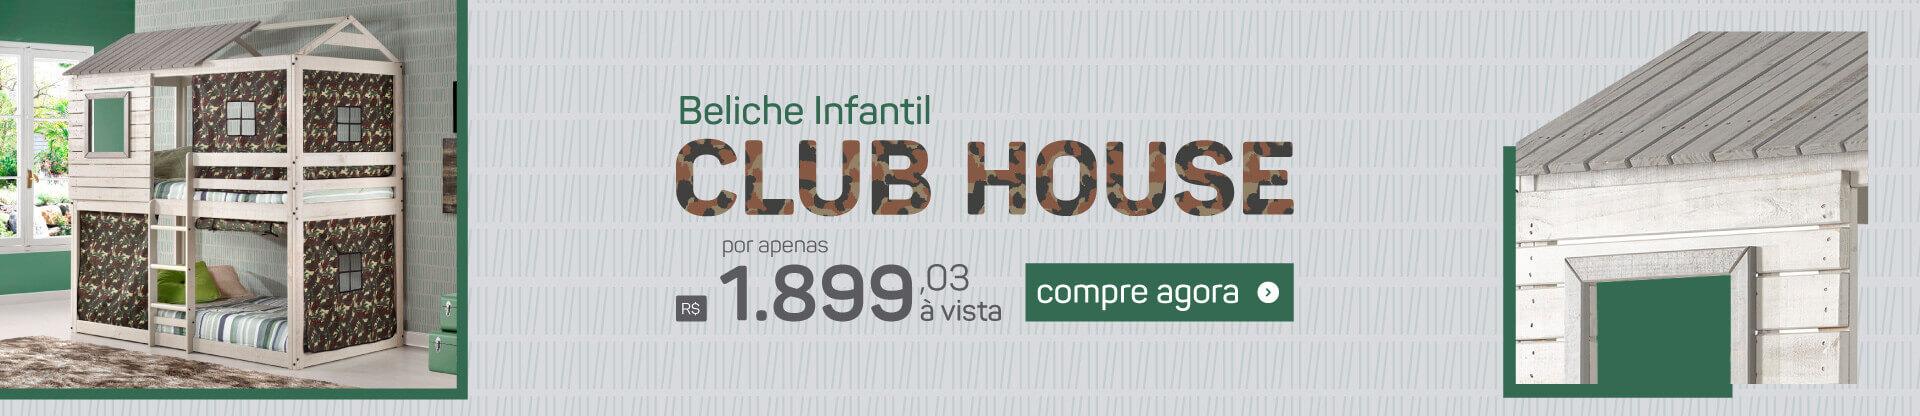 Banner Club House